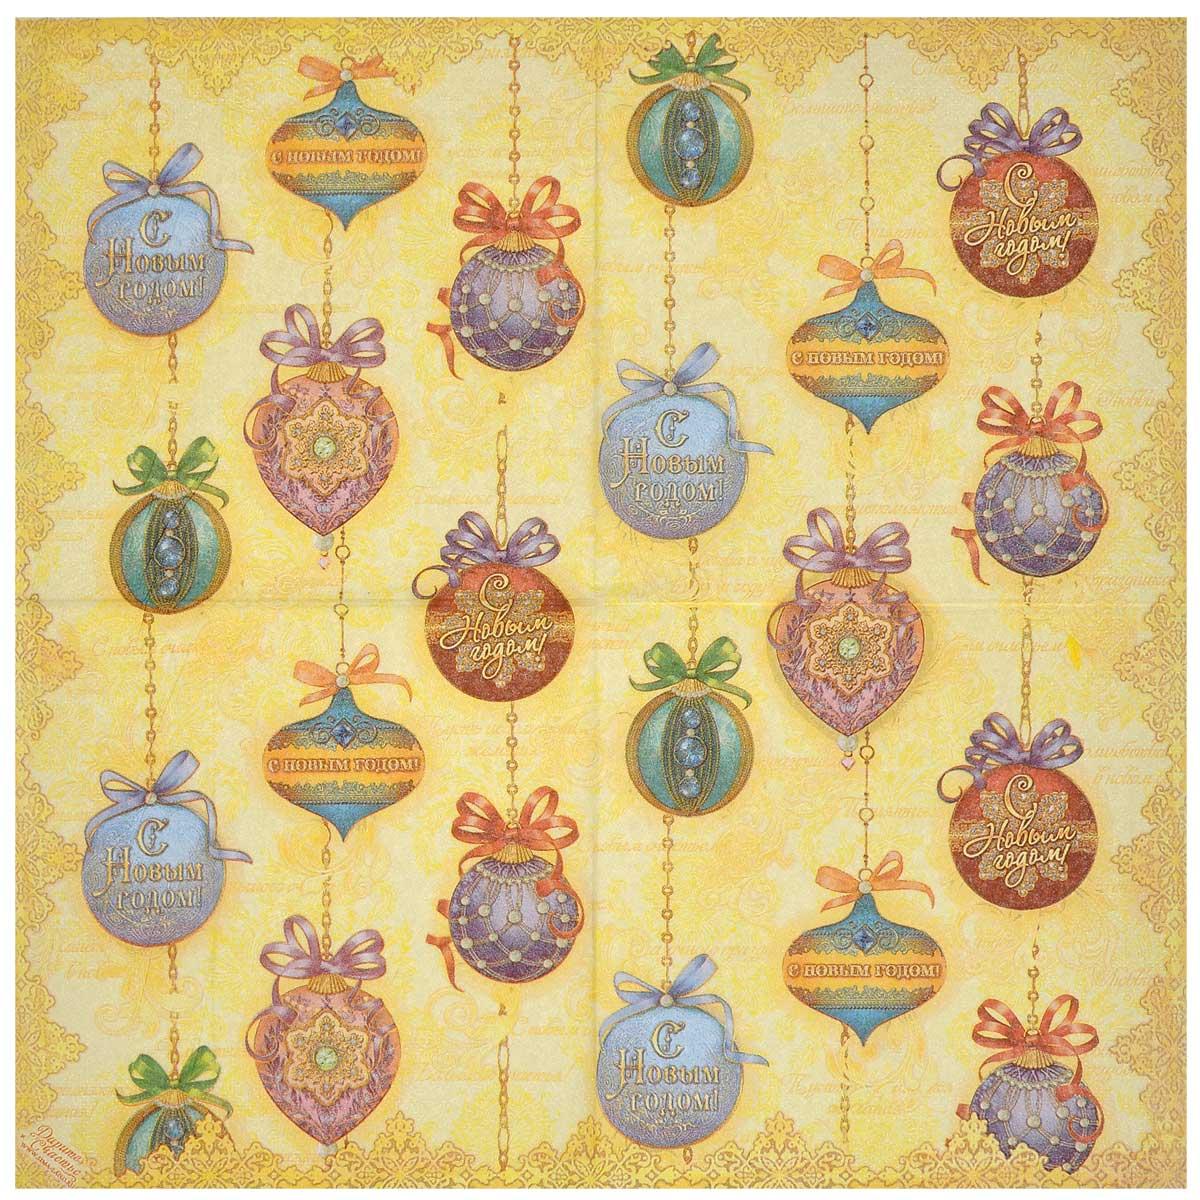 Салфетка для декупажа Sima-land Новогодние шары, 33 х 33 см1130743Салфета для декупажа Sima-land Новогодние шары, изготовленная из бумаги, оформлена ярким новогодним принтом. С помощью такой бумаги можно оформить практически любой предмет интерьера или сувенир к предстоящим зимним праздникам. Порадуйте себя и своих близких, выполненным шедевром своими руками! Декупаж - техника декорирования различных предметов, основанная на присоединении рисунка, картины или орнамента (обычного вырезанного) к предмету и далее покрытии полученной композиции лаком ради эффектности, сохранности и долговечности. Размер салфетки: 33 см х 33 см.